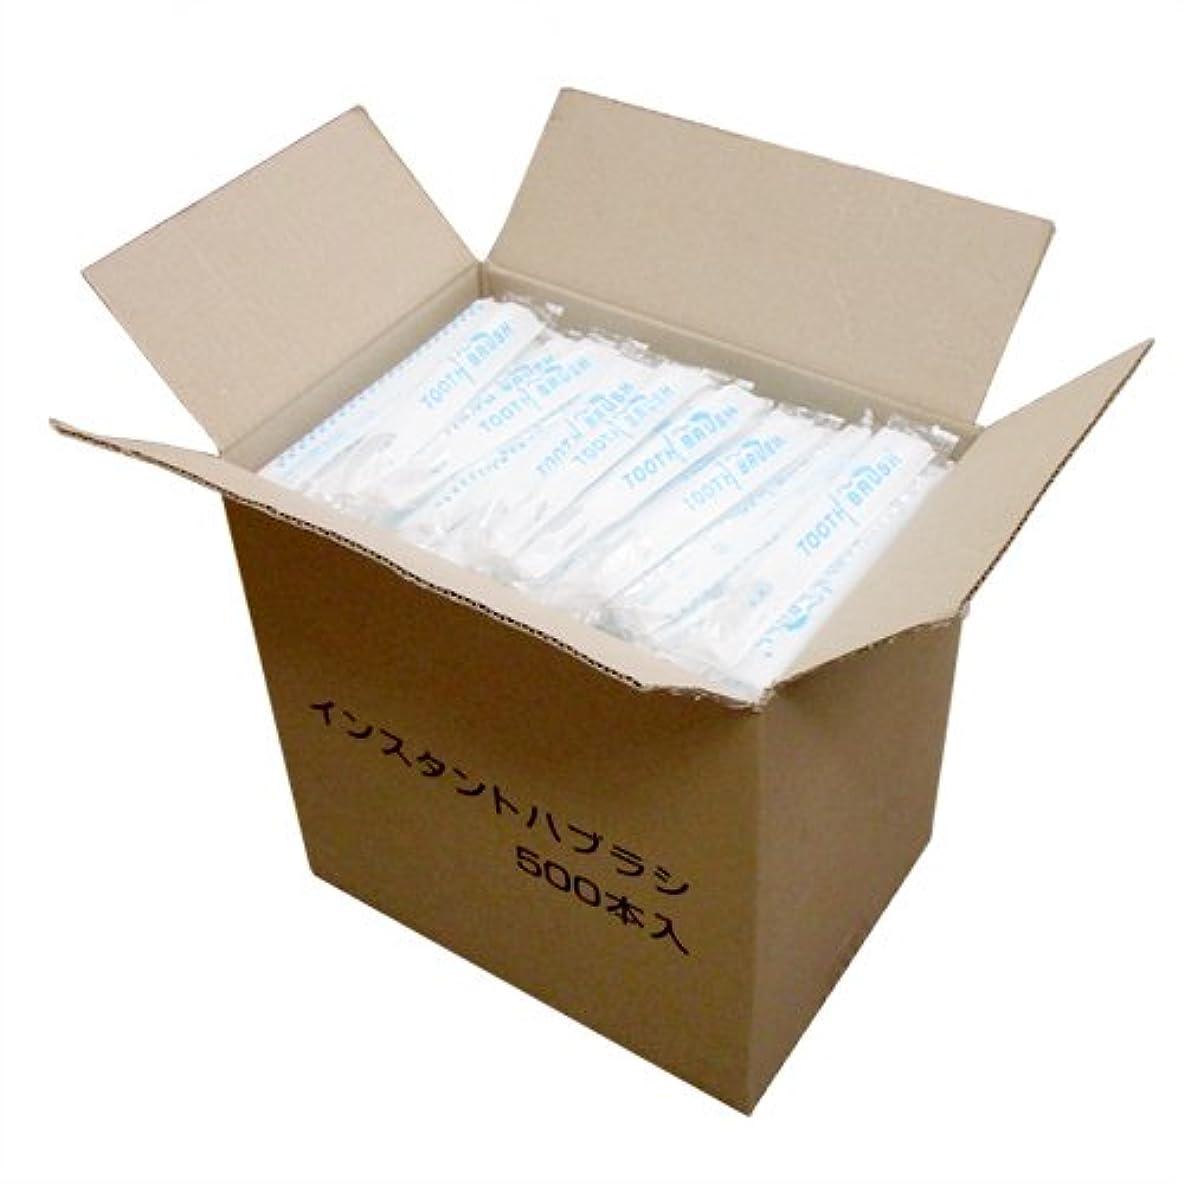 冷蔵庫呼ぶ急勾配の業務用 日本製 使い捨て粉付き歯ブラシ 個包装タイプ 500本入×8箱 (4000本入)│ホテルアメニティ